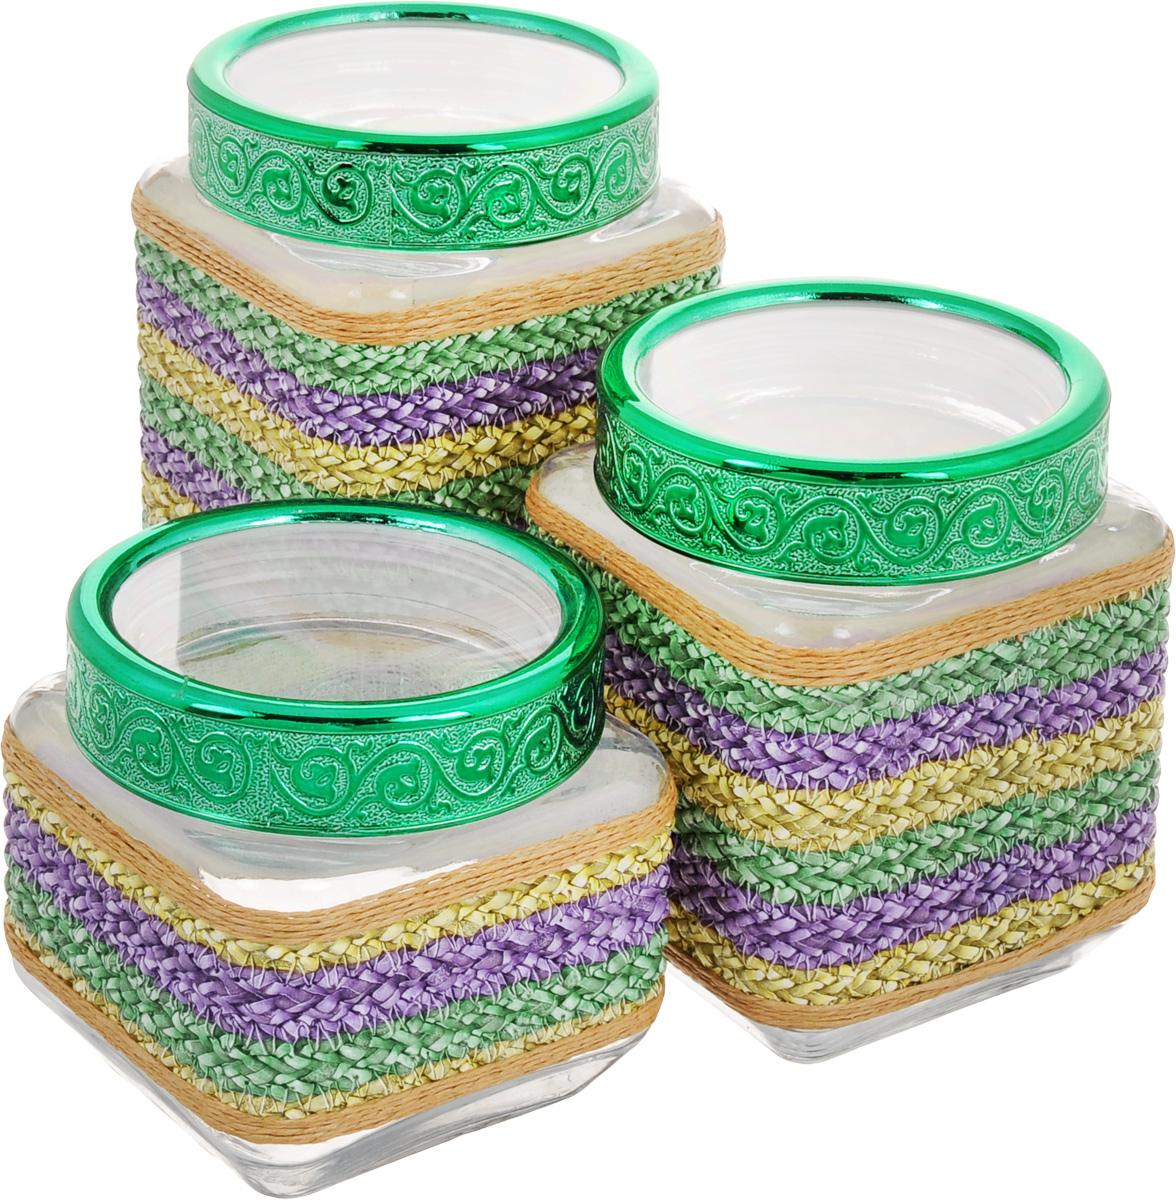 Набор банок для сыпучих продуктов Mayer & Boch, цвет: прозрачный, зеленый, сиреневый, 3 шт. 25514VT-1520(SR)Набор Mayer & Boch состоит из трех банок разного объема, предназначенных для хранения сыпучих продуктов. Банки выполнены из высококачественного стекла и декорированы оригинальными вставками из соломы и полиуретана. Крышки из АБС пластика декорированы изысканным рельефом. Банки прекрасно подходят для круп, орехов, сухофруктов, чая, кофе, сахара и других сыпучих продуктов. Герметичное закрытие позволяет сохранить продукты свежими. Оригинальный необычный дизайн стильно дополнит интерьер кухни. Такой набор станет желанным подарком для любой хозяйки. Объем банок: 770 мл, 1,15 л, 1,6 л. Размер банок: 11 х 11 х 11 см; 11 х 11 х 15 см; 11 х 11 х 19 см.